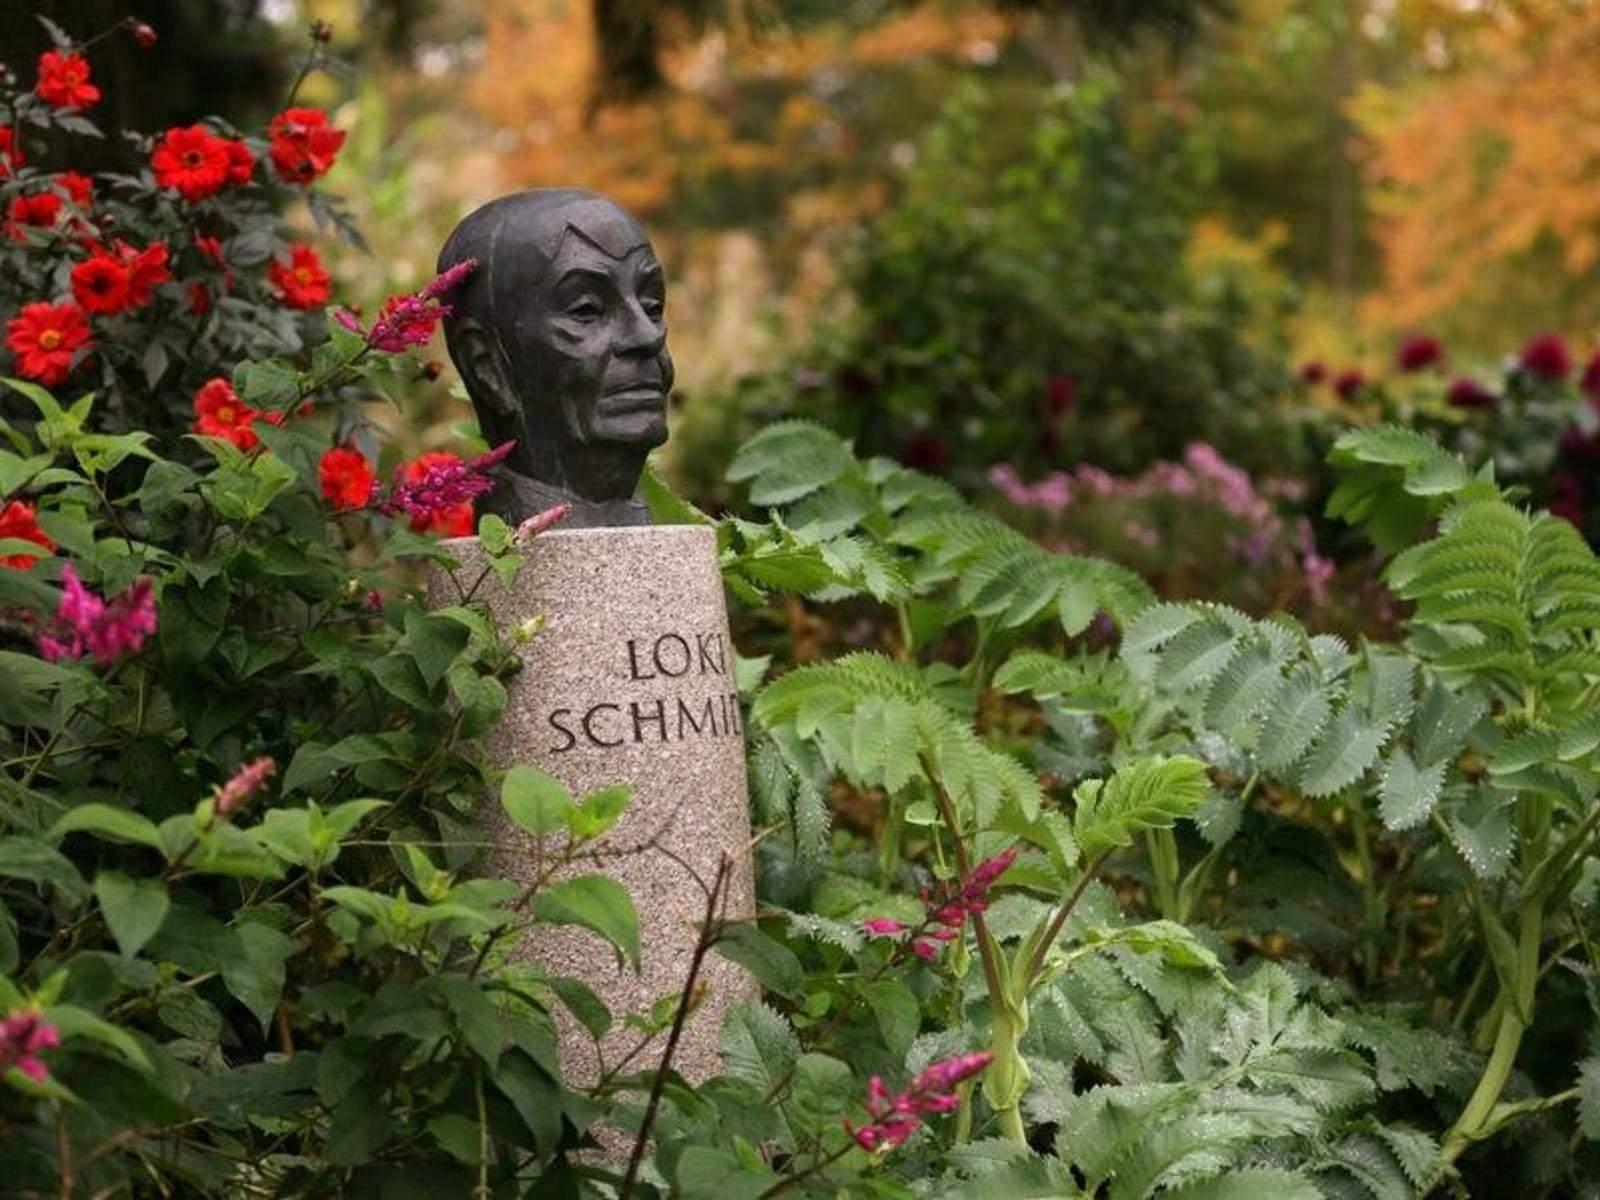 Botanischer Garten in Hamburg heisst jetzt Loki Schmidt Garten reference 4 3